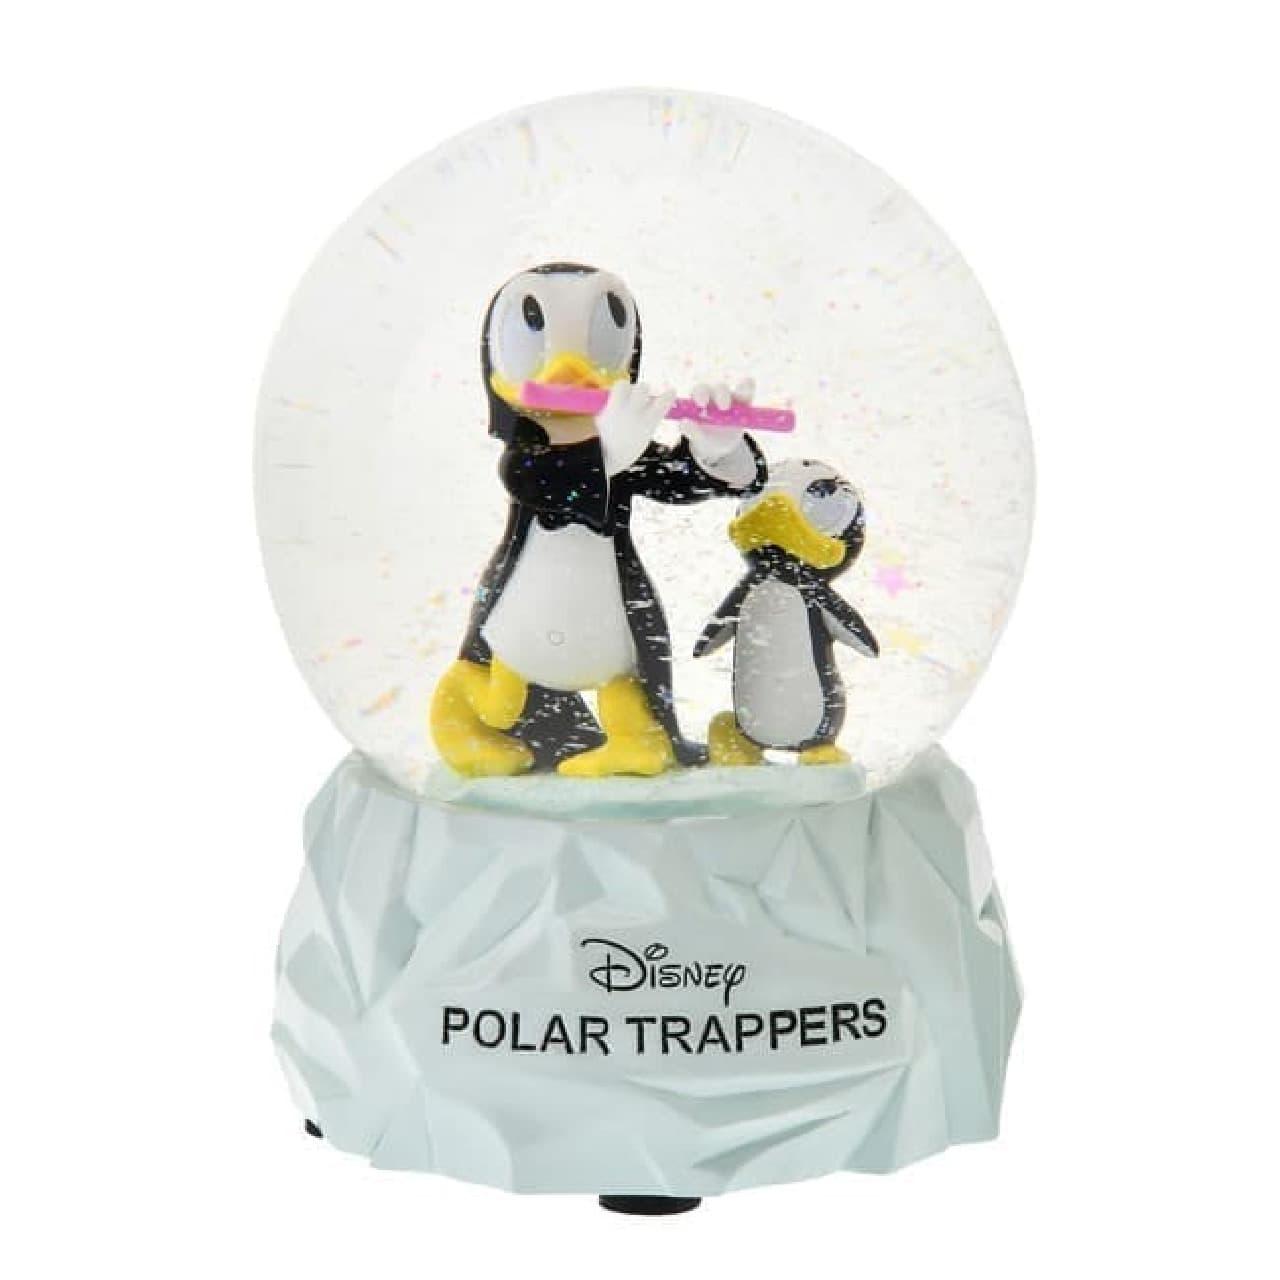 「ドナルドの南極探検」をモチーフにした「POLAR TRAPPERS」シリーズ